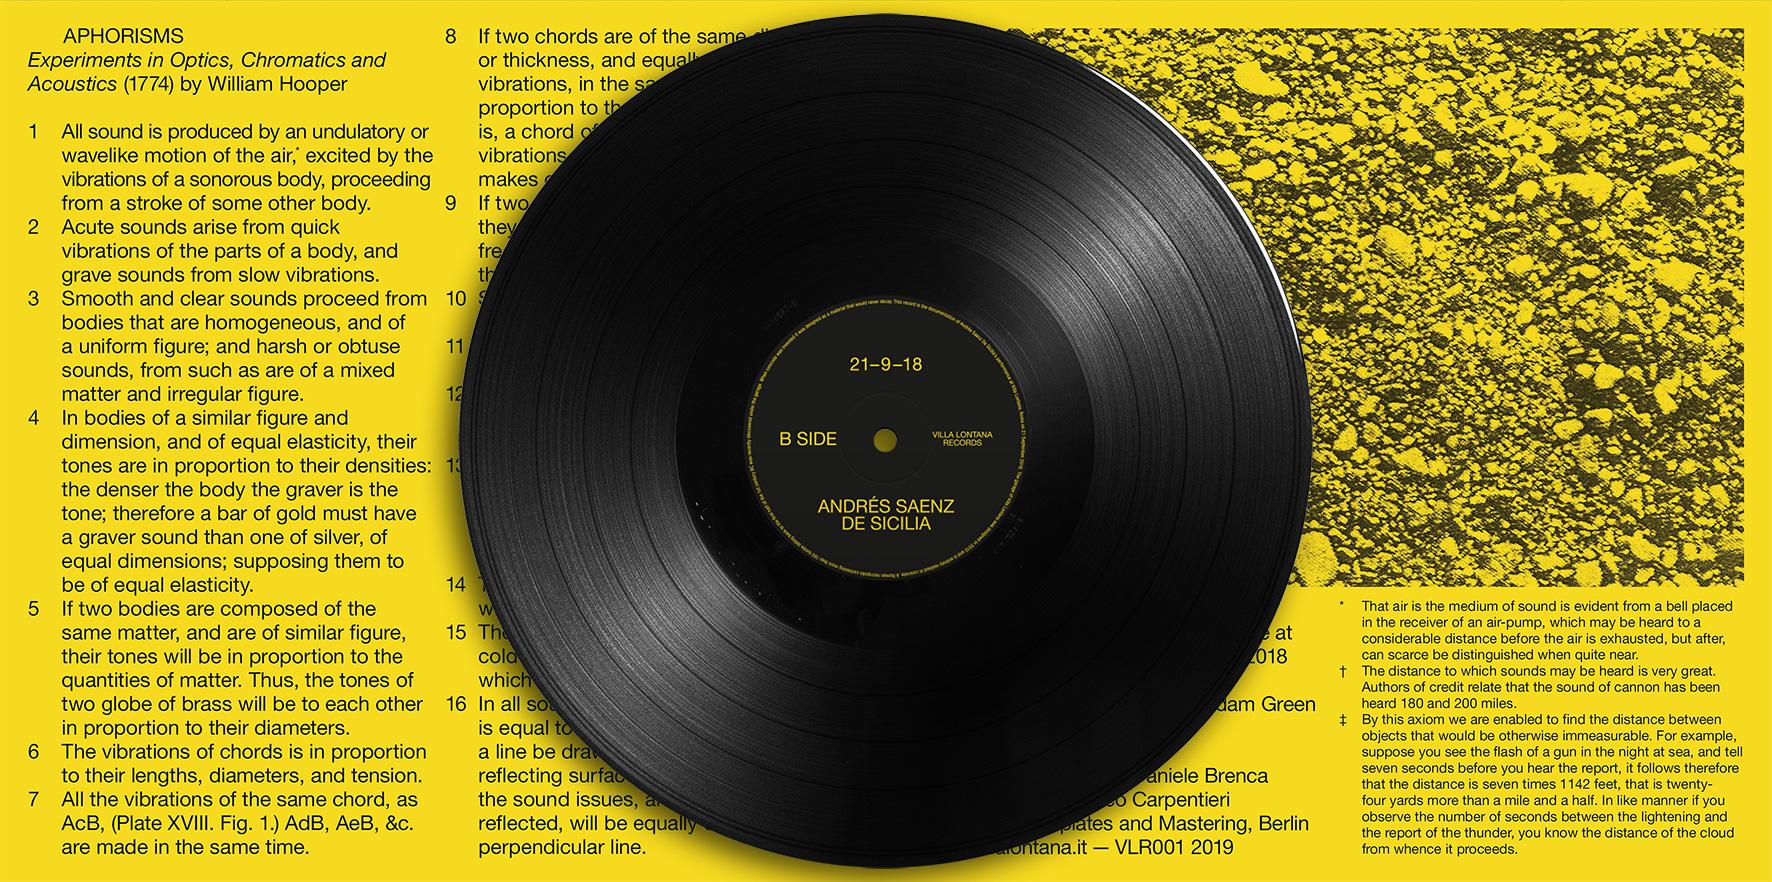 VILLA LONTANA RECORDS PRESENTS ANDRÉS SAENZ DE SICILIA 21 - 9 - 18